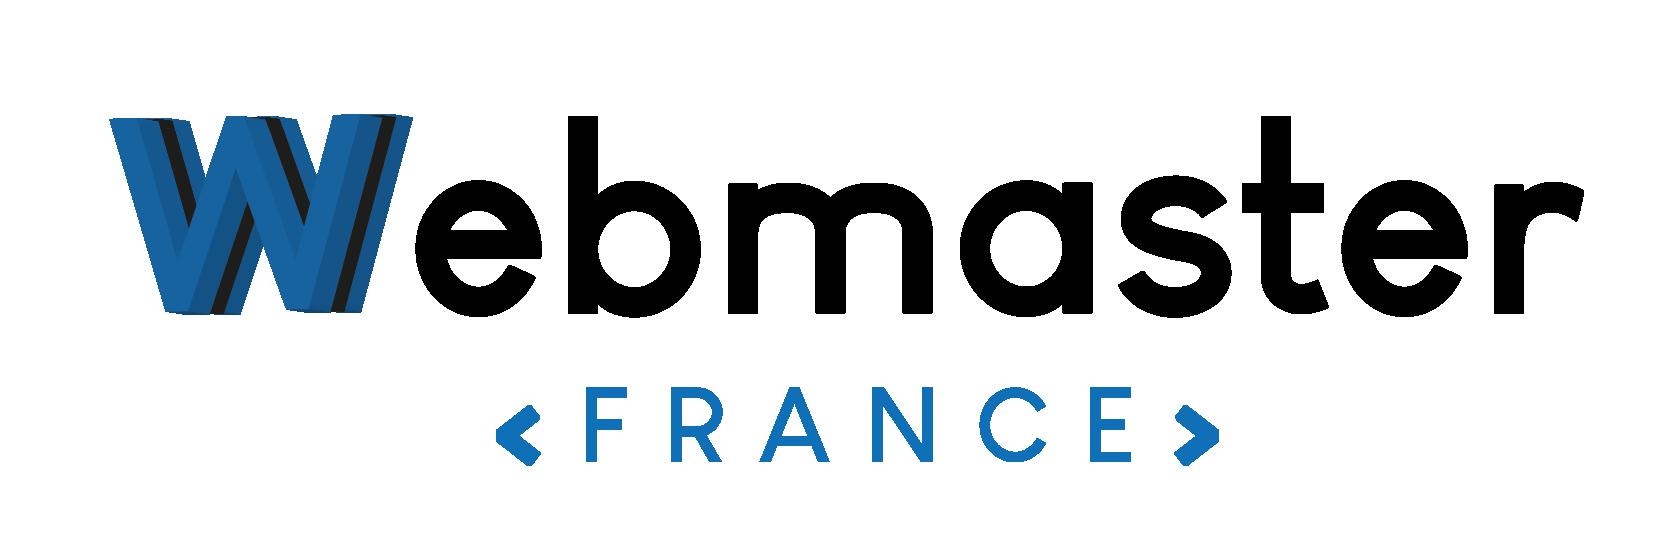 Webmaster France